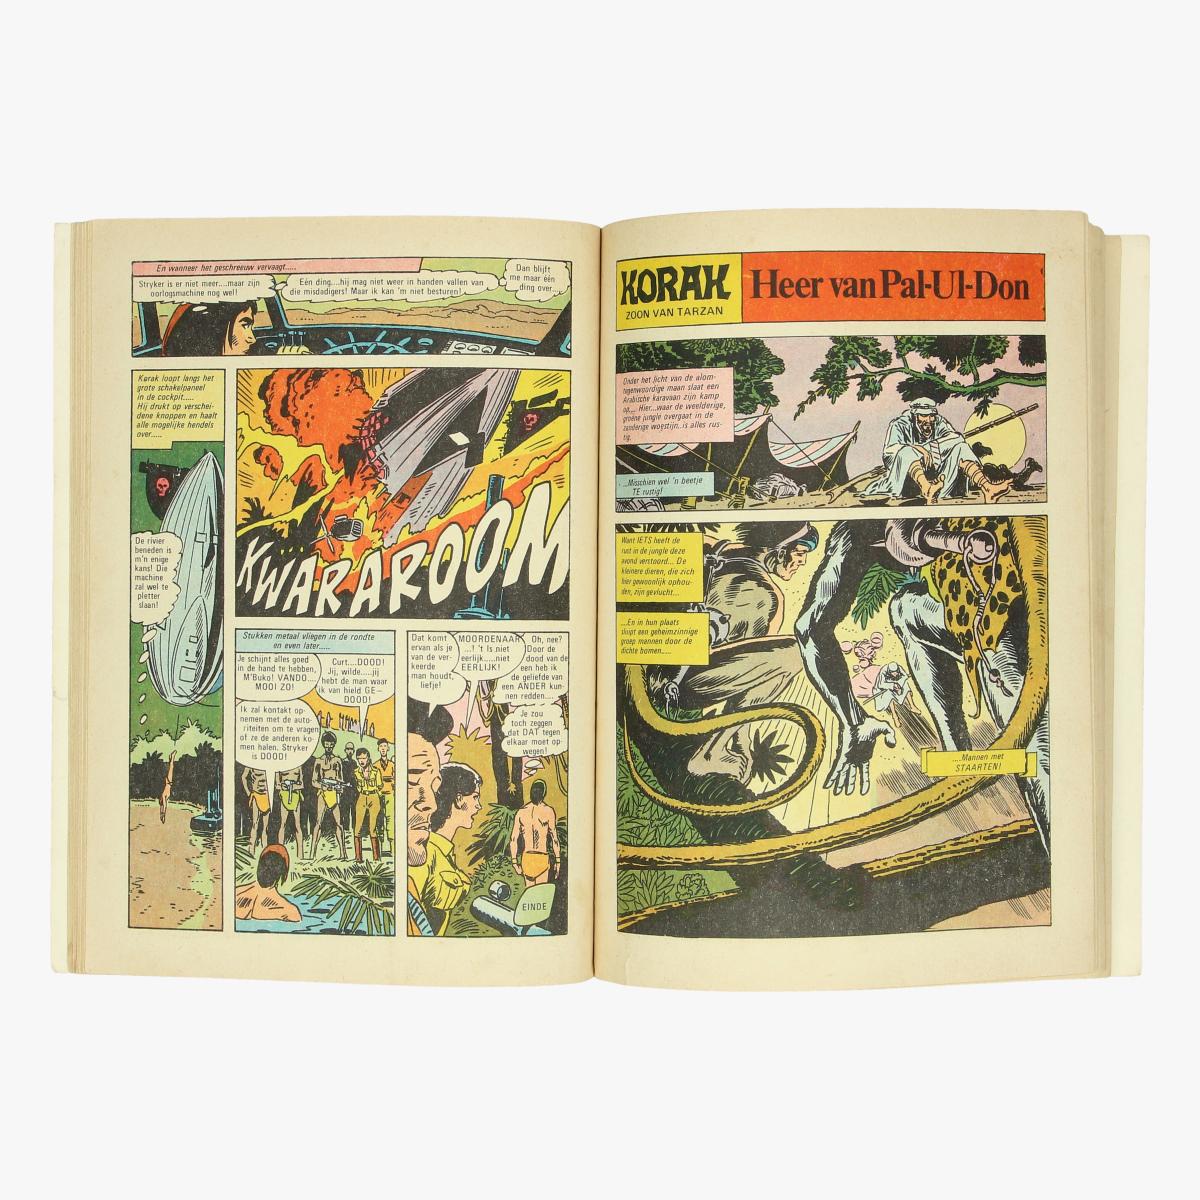 Afbeeldingen van strips korak zoon van tarzan : opar ,de stad des doods nr1